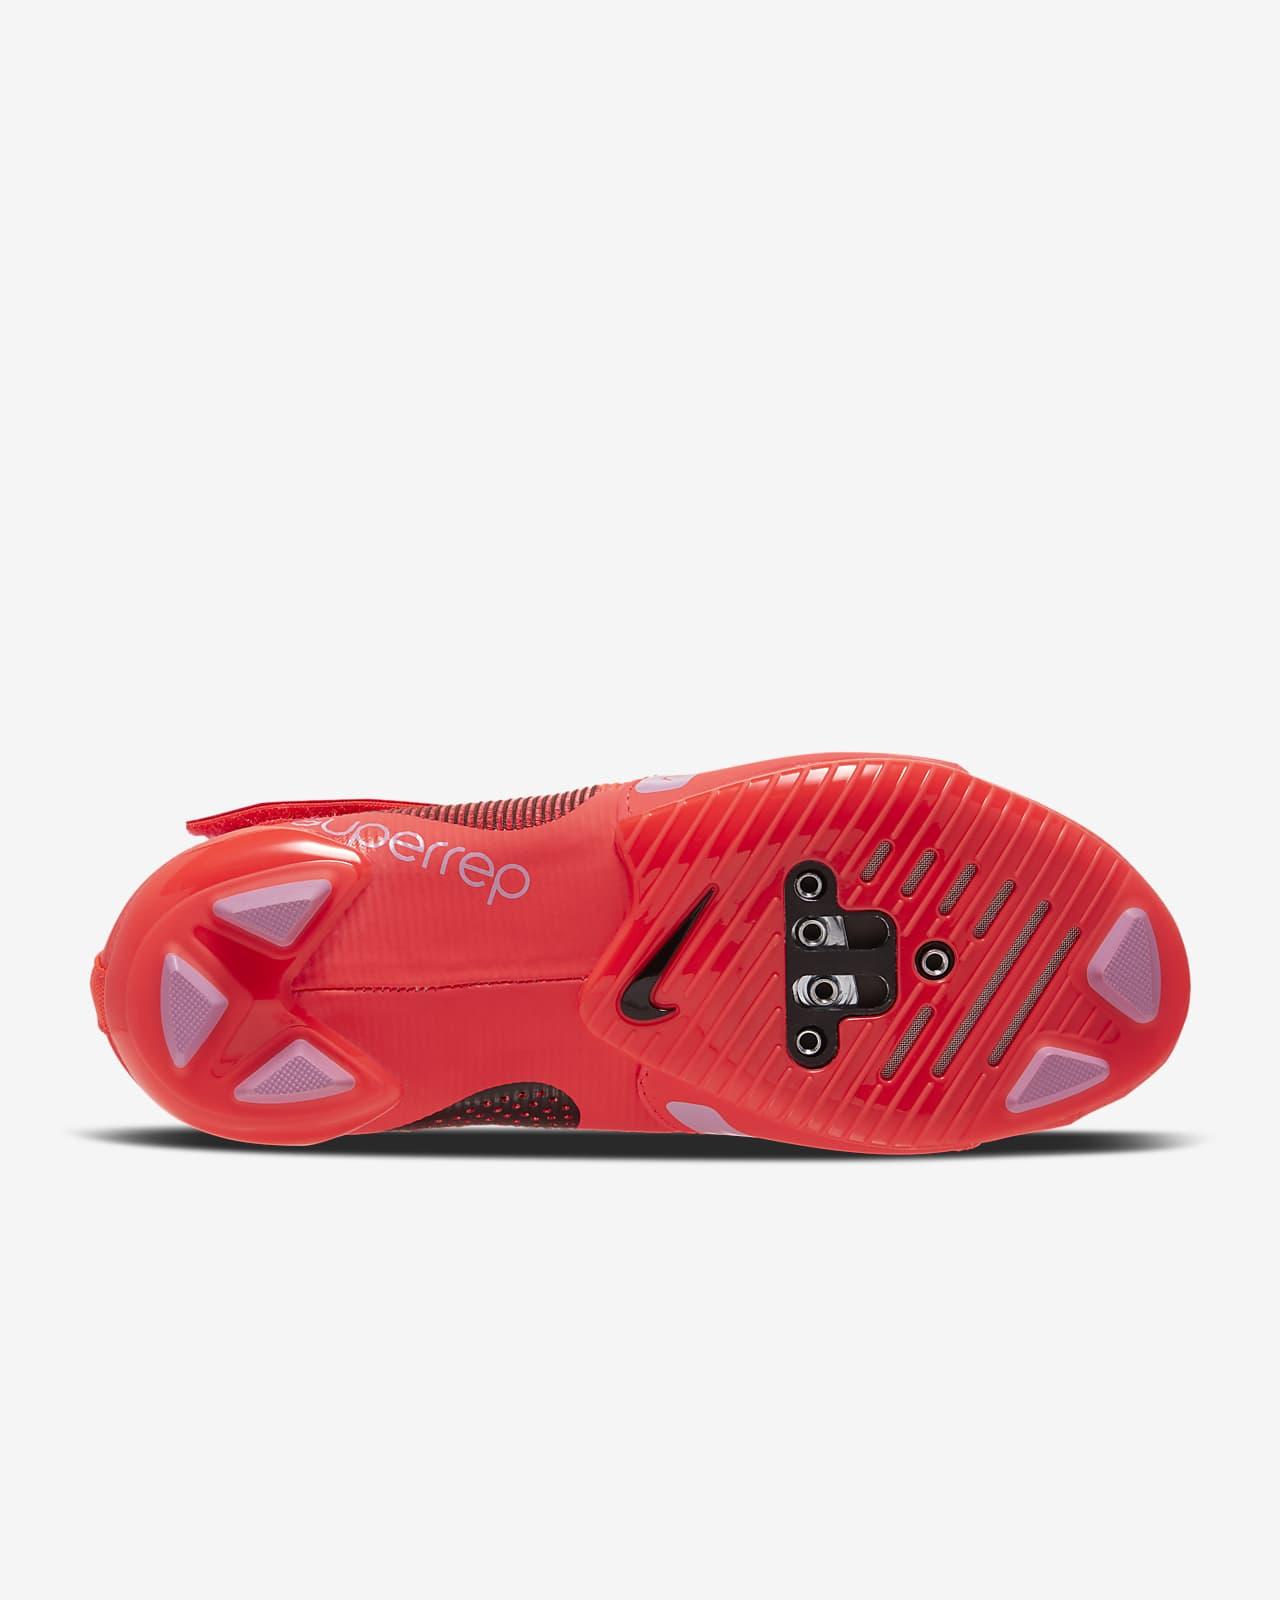 Chaussure de vélo en salle Nike SuperRep Cycle pour Femme